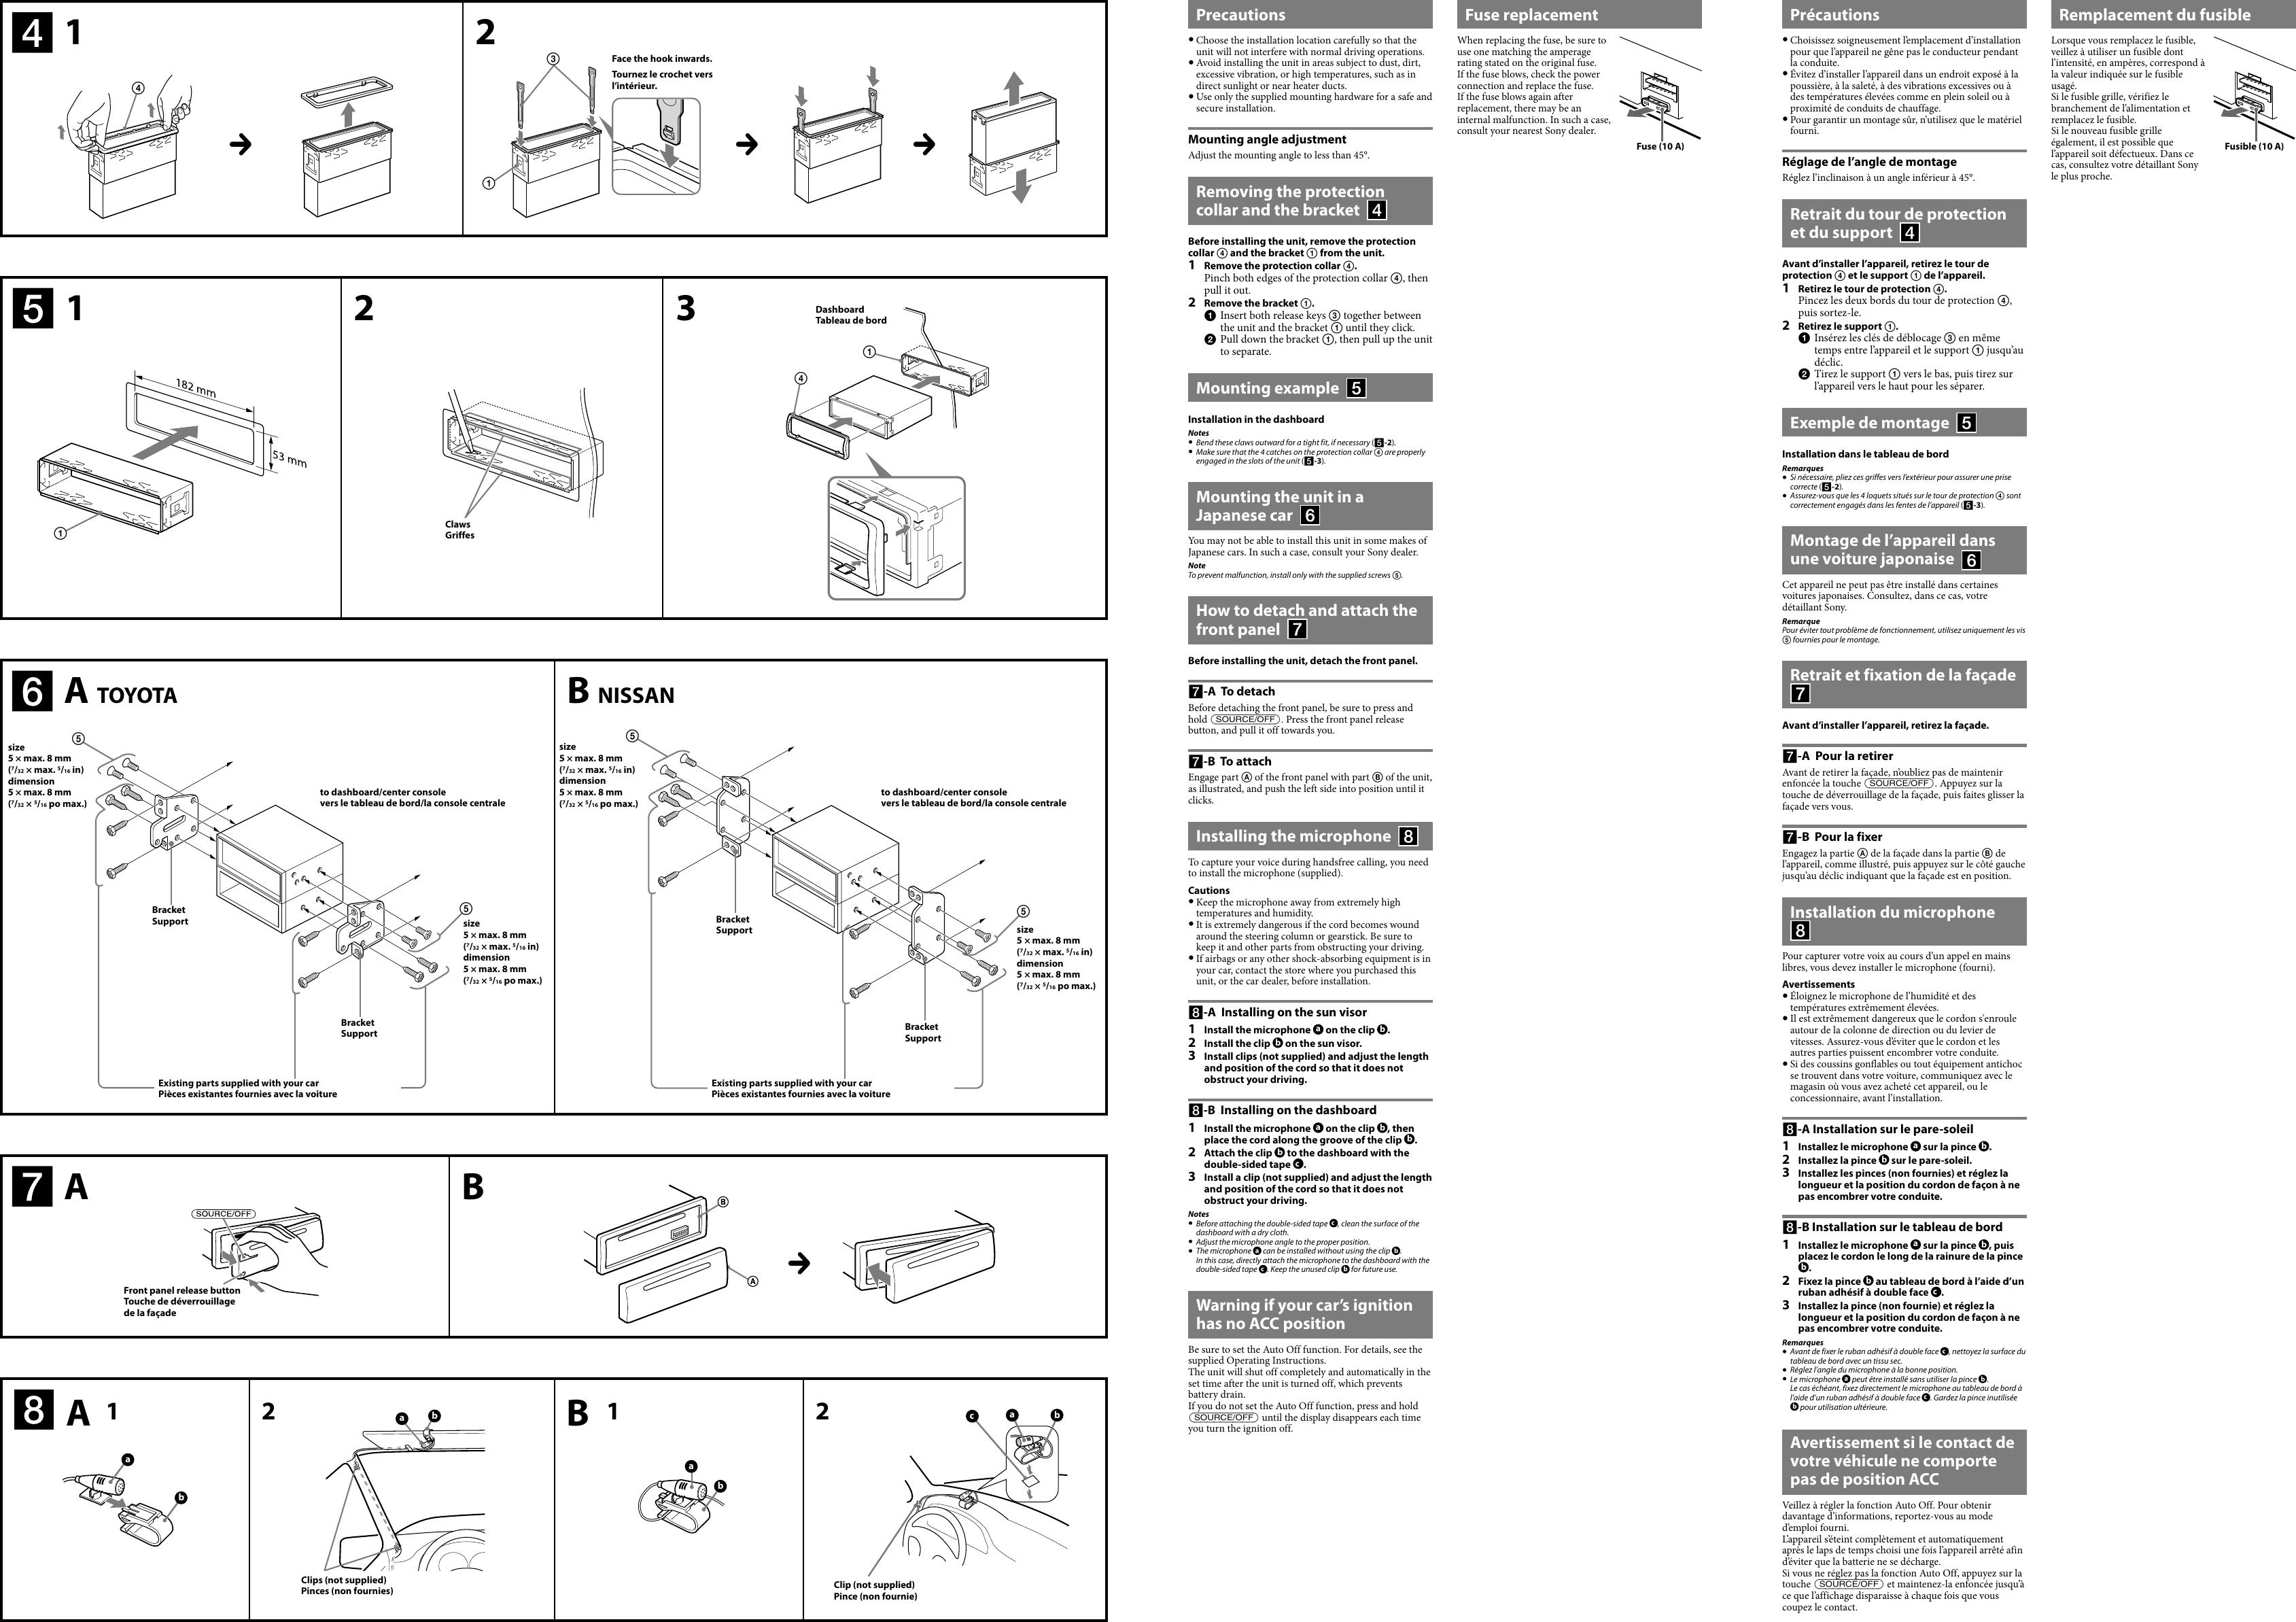 Sense Key Wiring Diagram Impala Diagrams 2010 Honda 2000 1000 1961 Parts Catalog